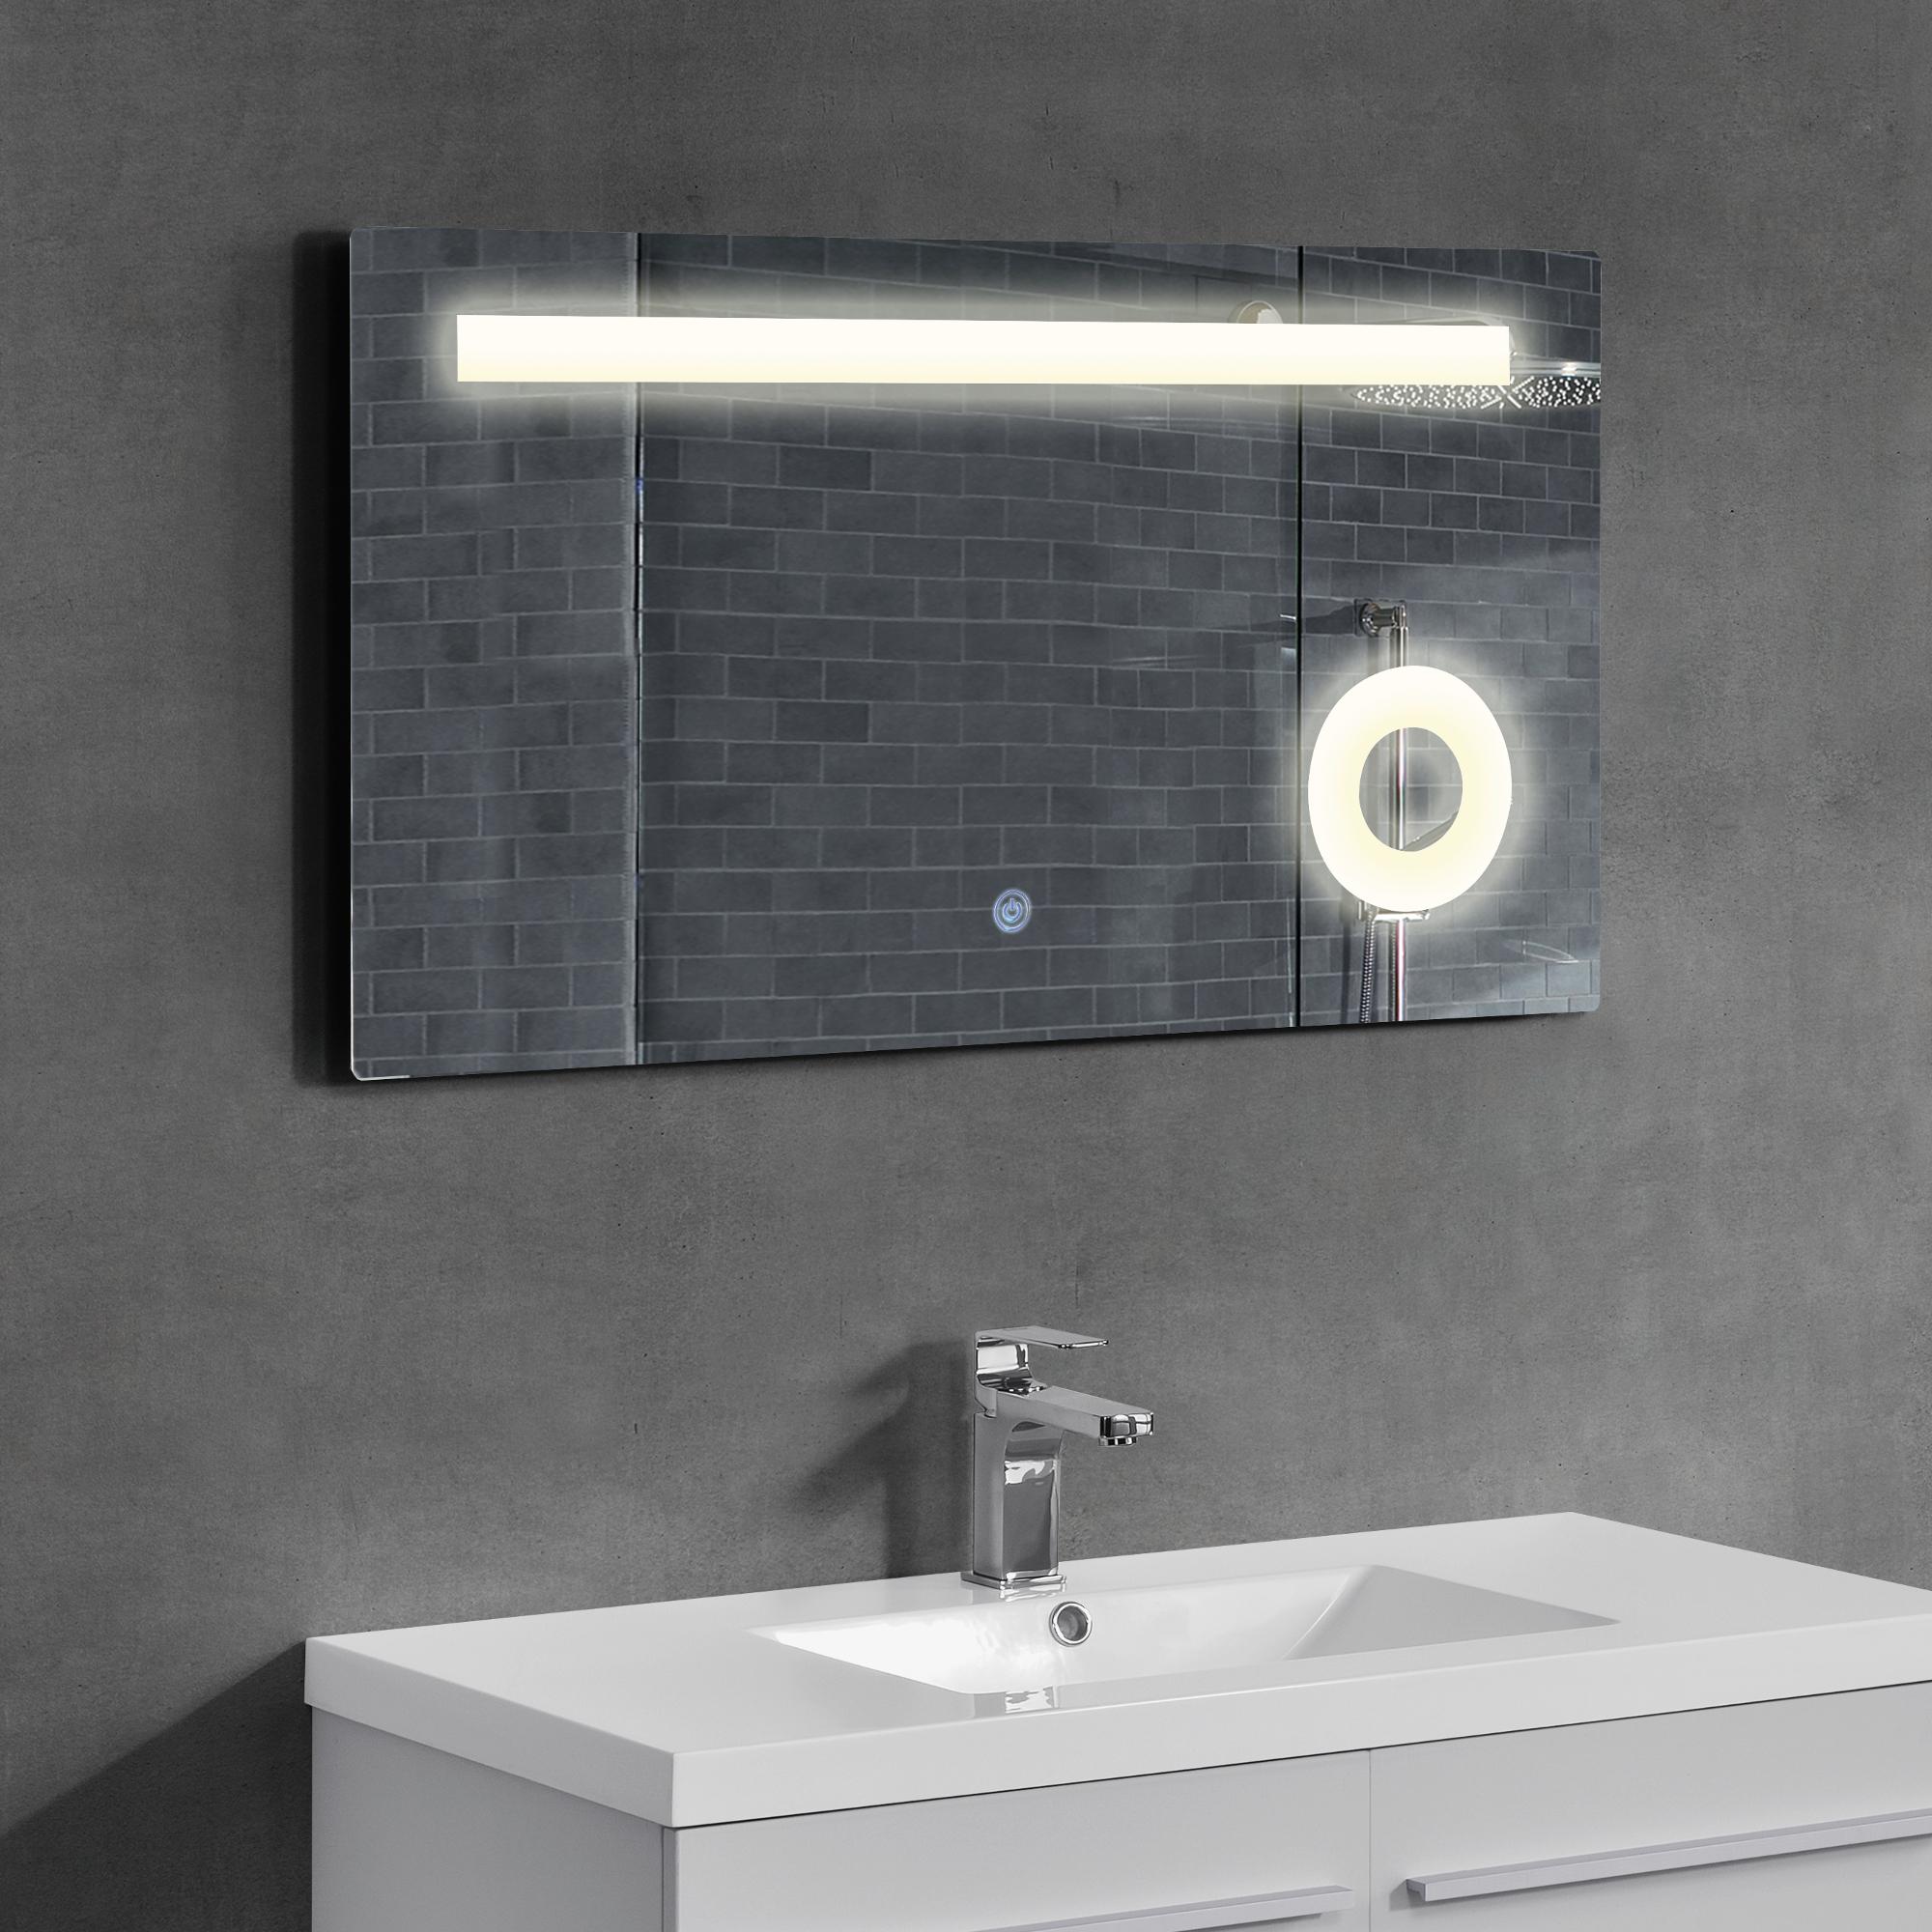 Neuhaus led miroir de la salle bain mural cosm tique 60 for Force de miroir ebay